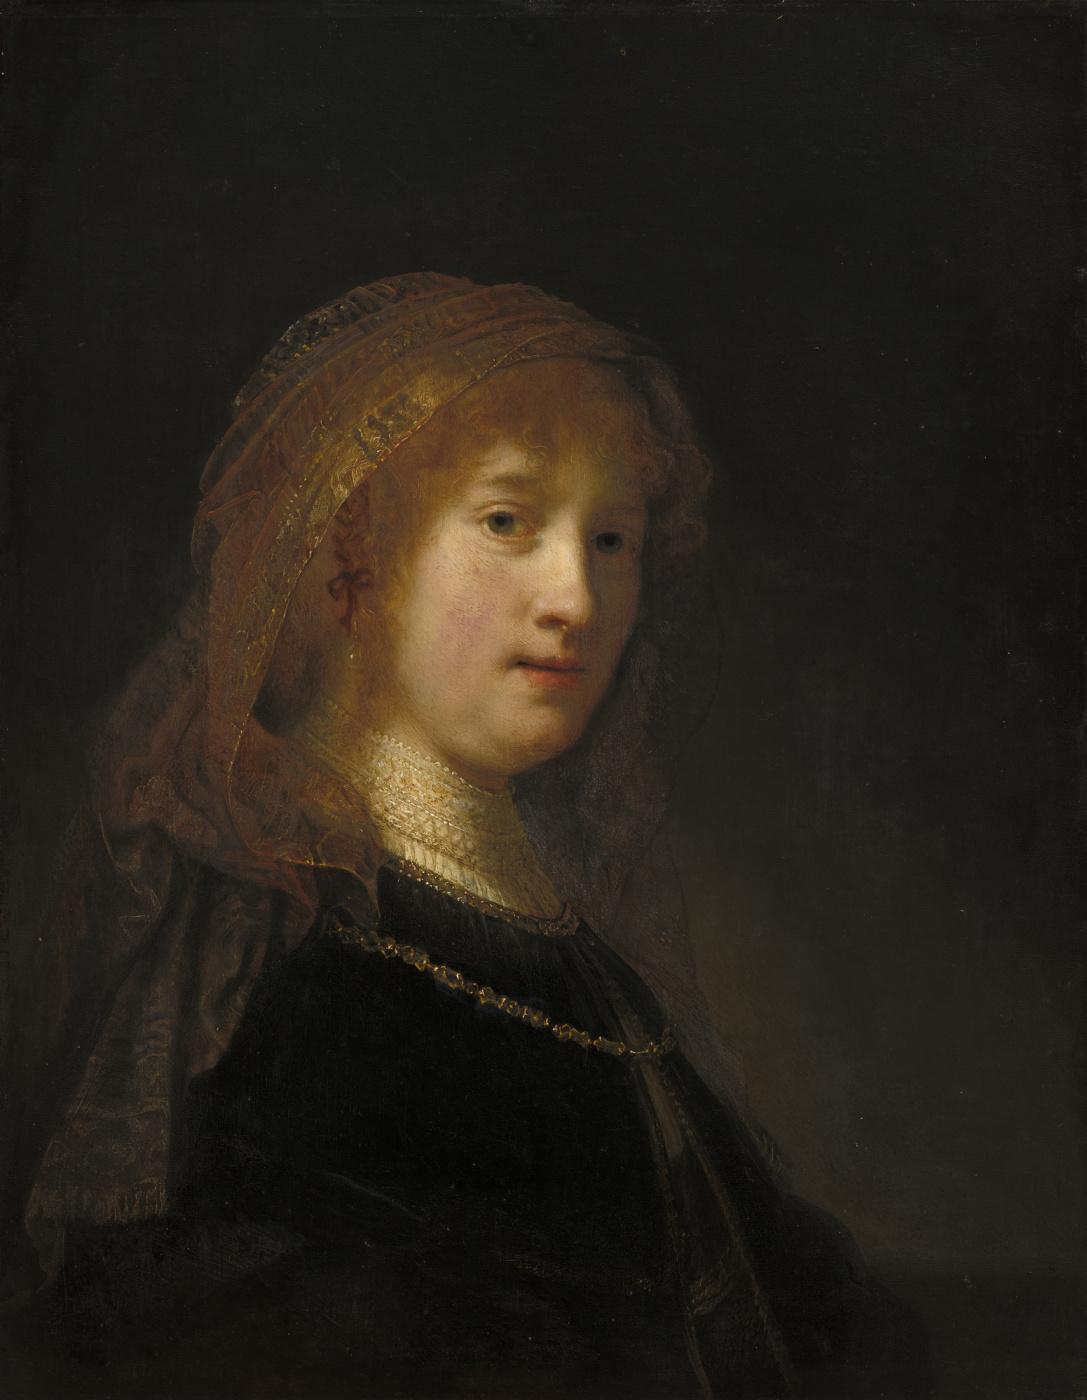 Rembrandt Harmenszoon van Rijn. Saskia van Uylenburg, the artist's wife